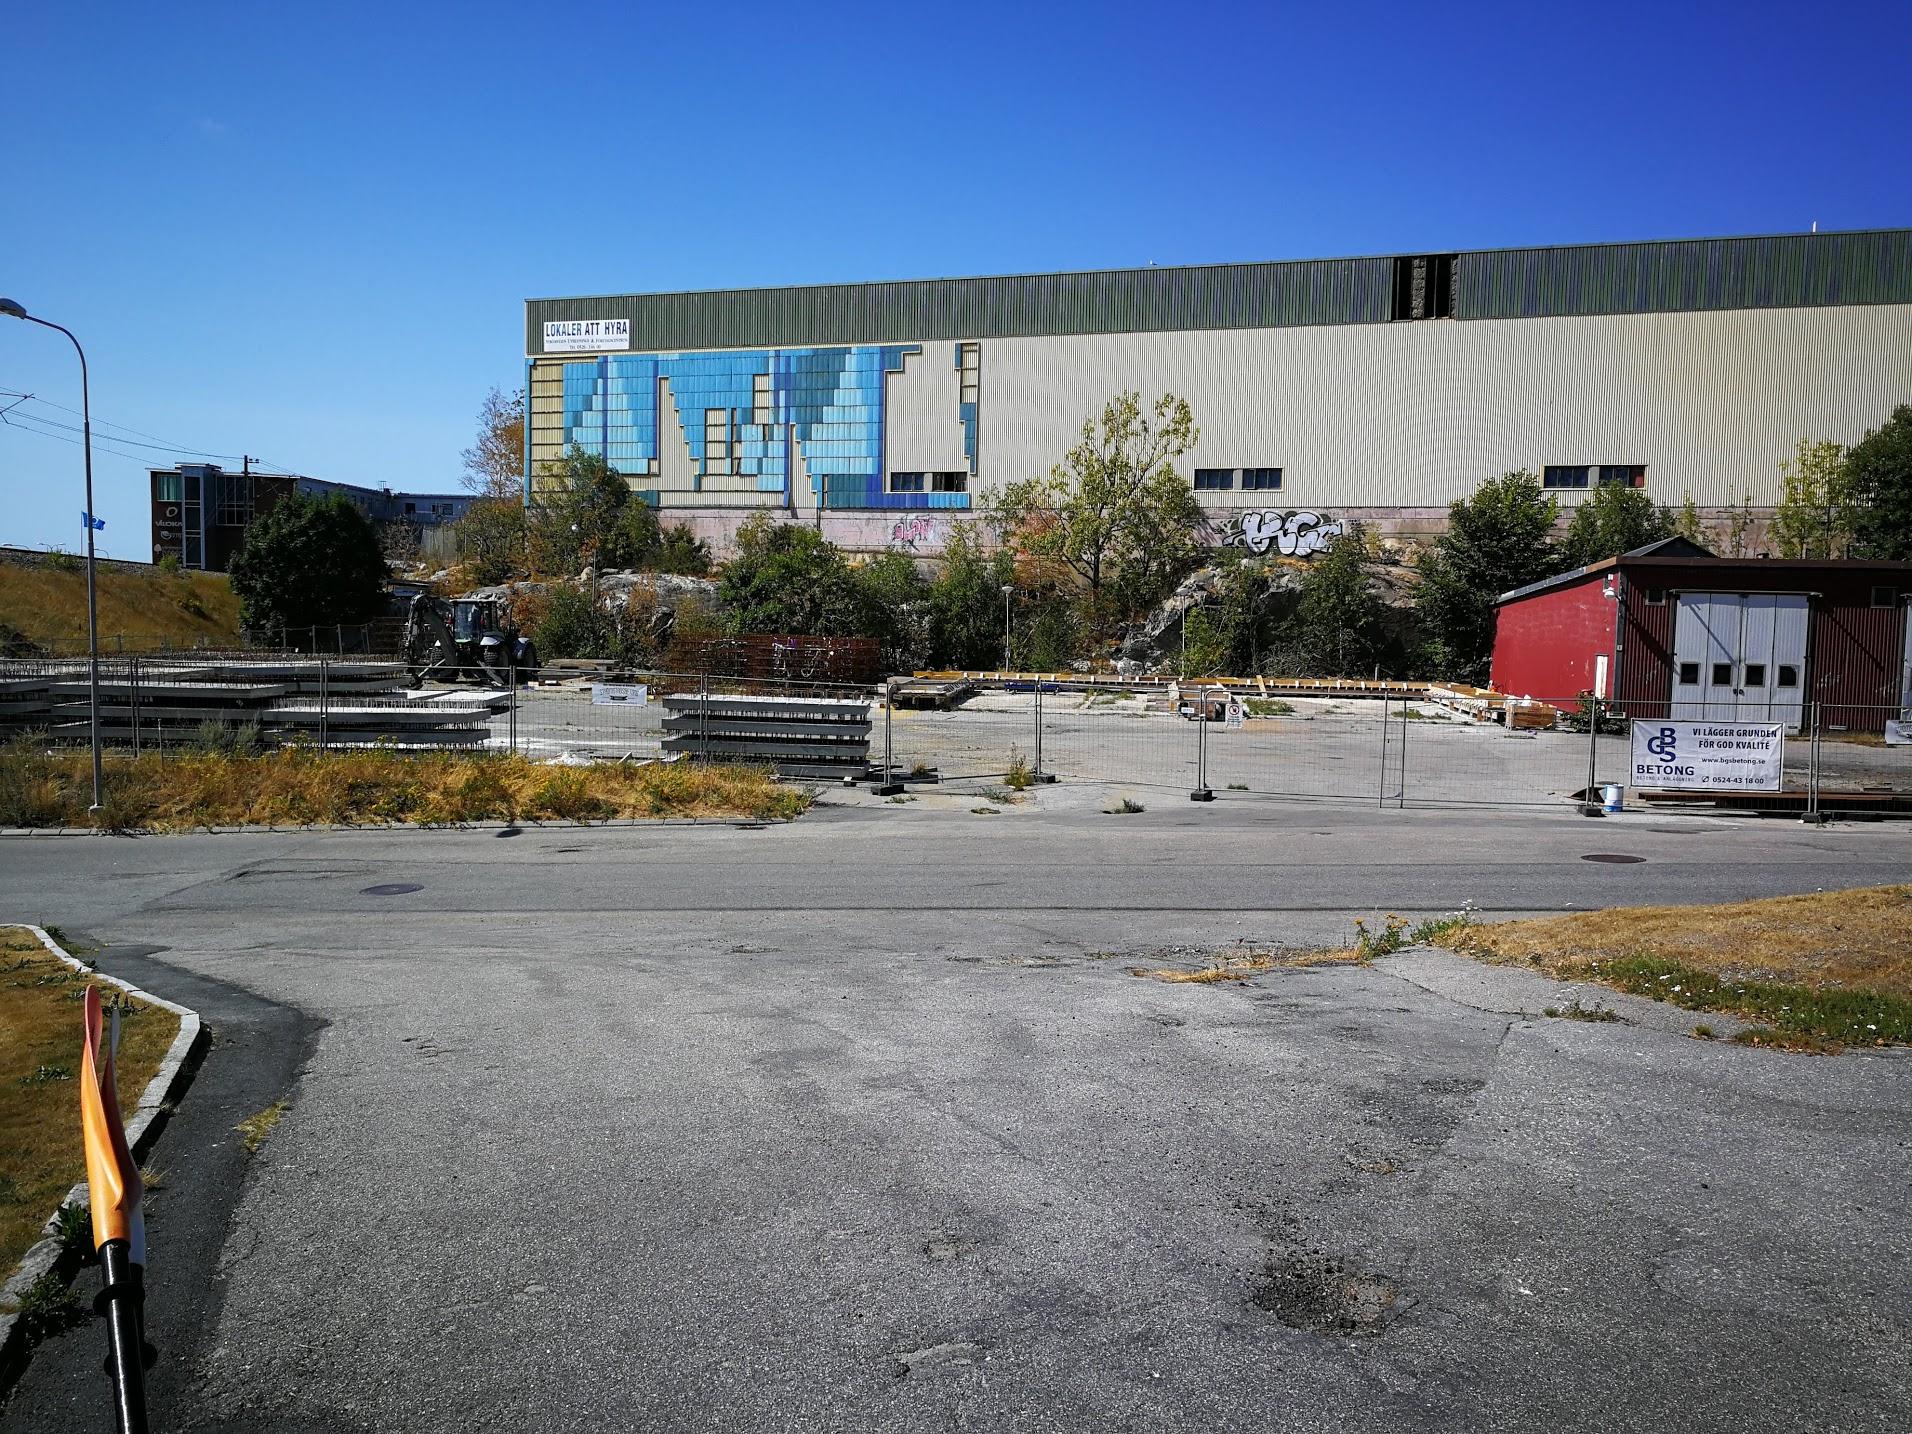 Outnyttjade Parkeringar Stromstad